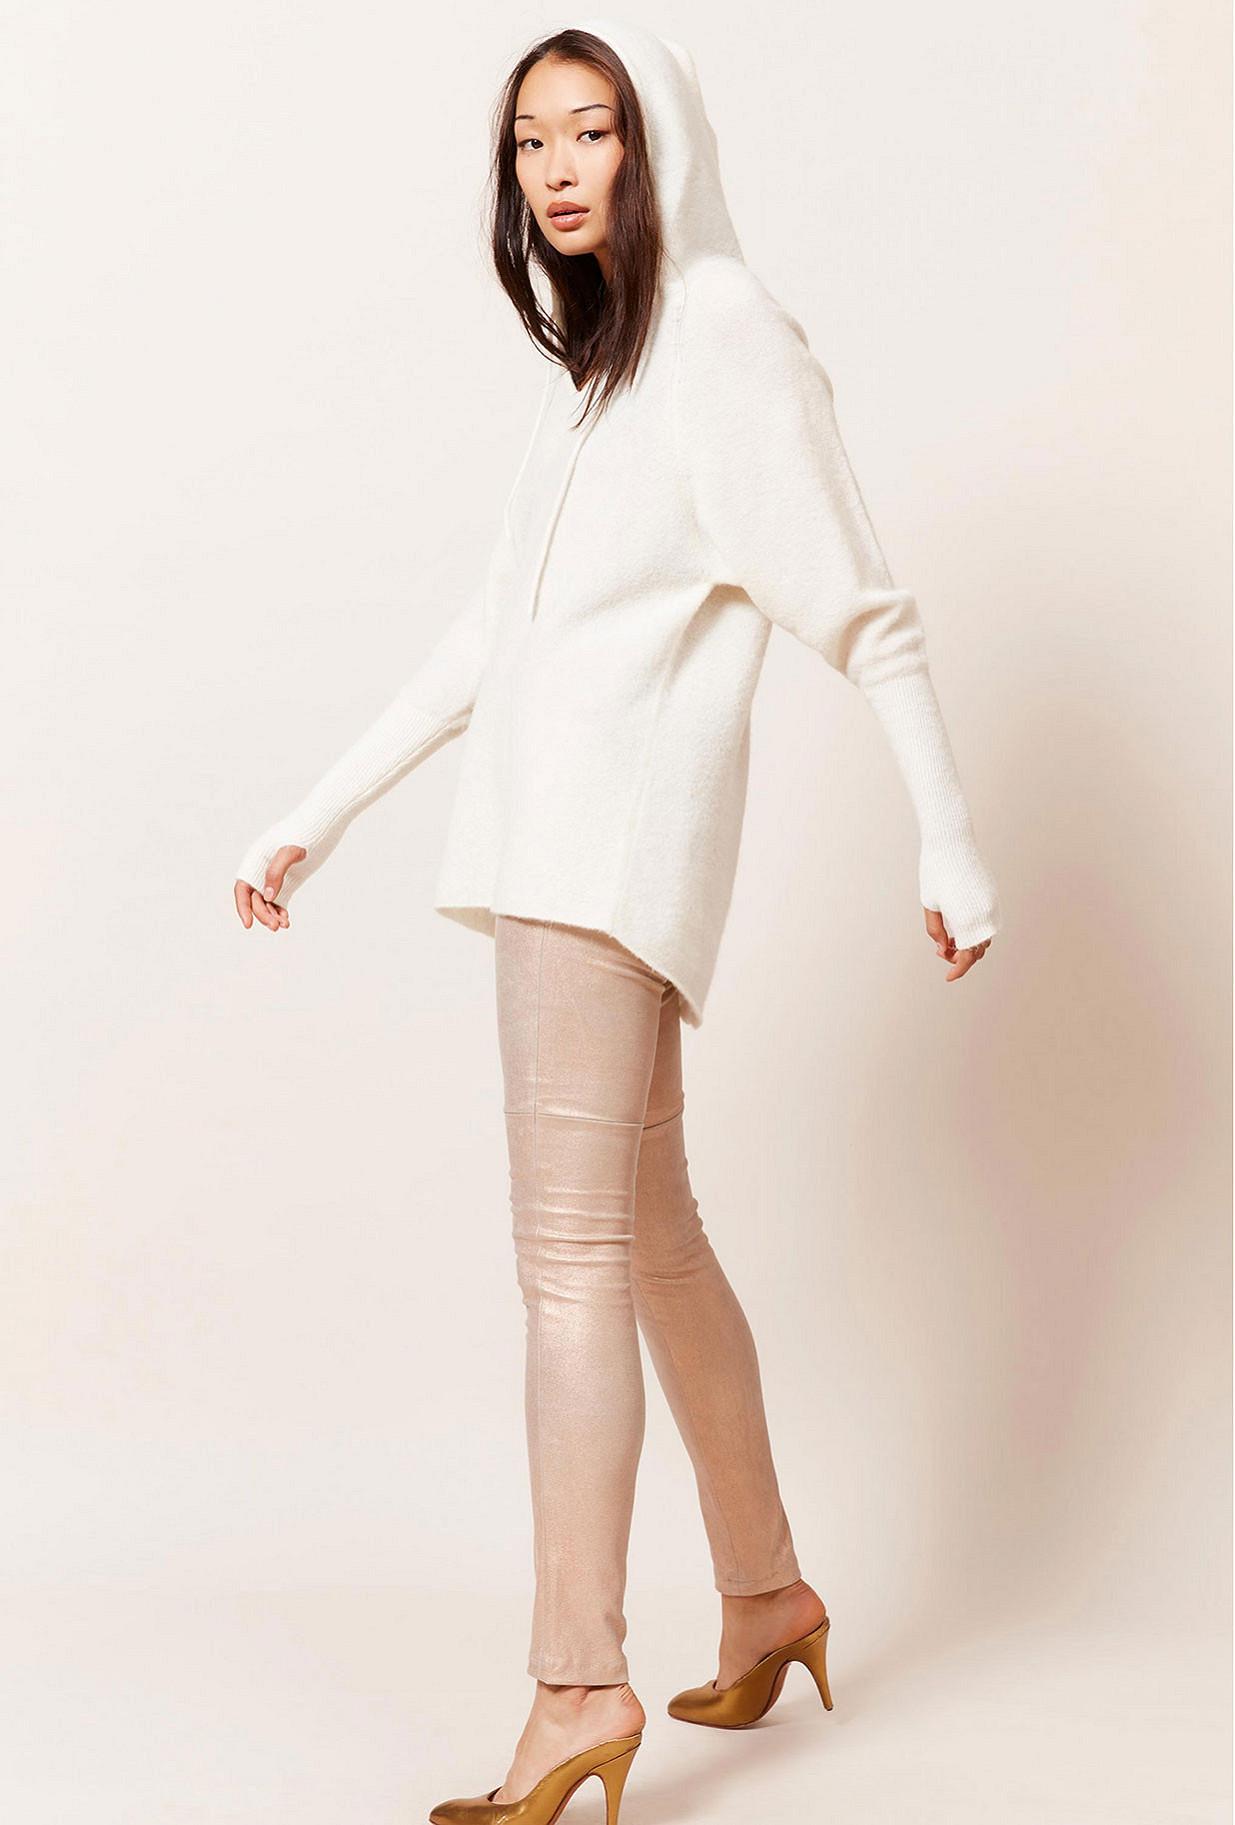 Paris boutique de mode vêtement Pull créateur bohème  Pichu